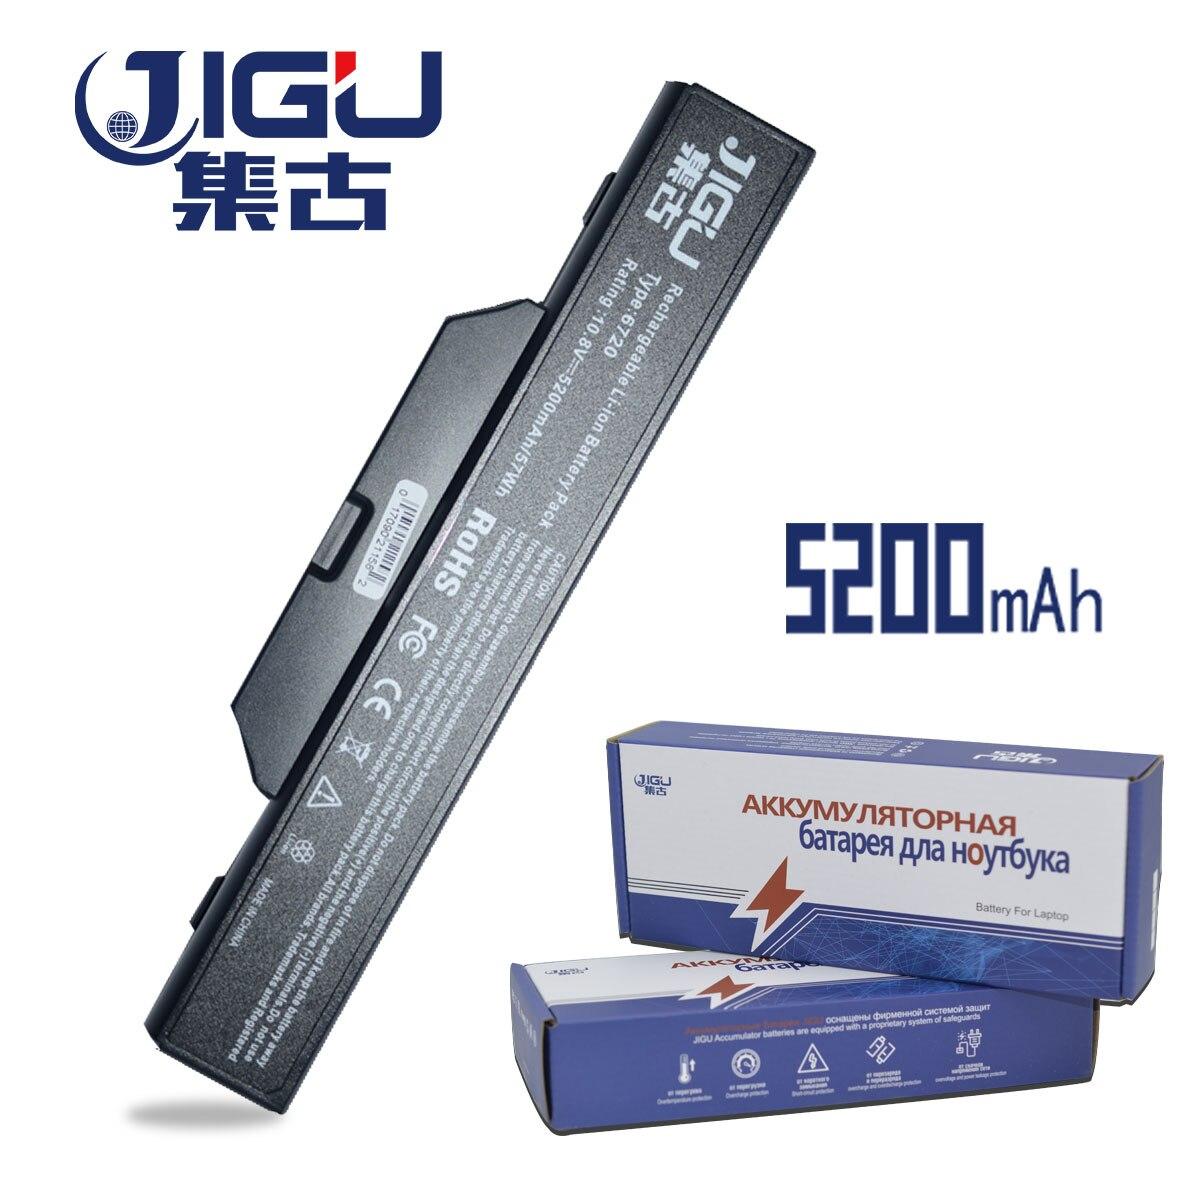 JIGU Замена ноутбука Батарея для hp COMPAQ 510 610 615 6720 6735 CT 6730 s 6820 6830 s 451086- 161 451568-001 ...